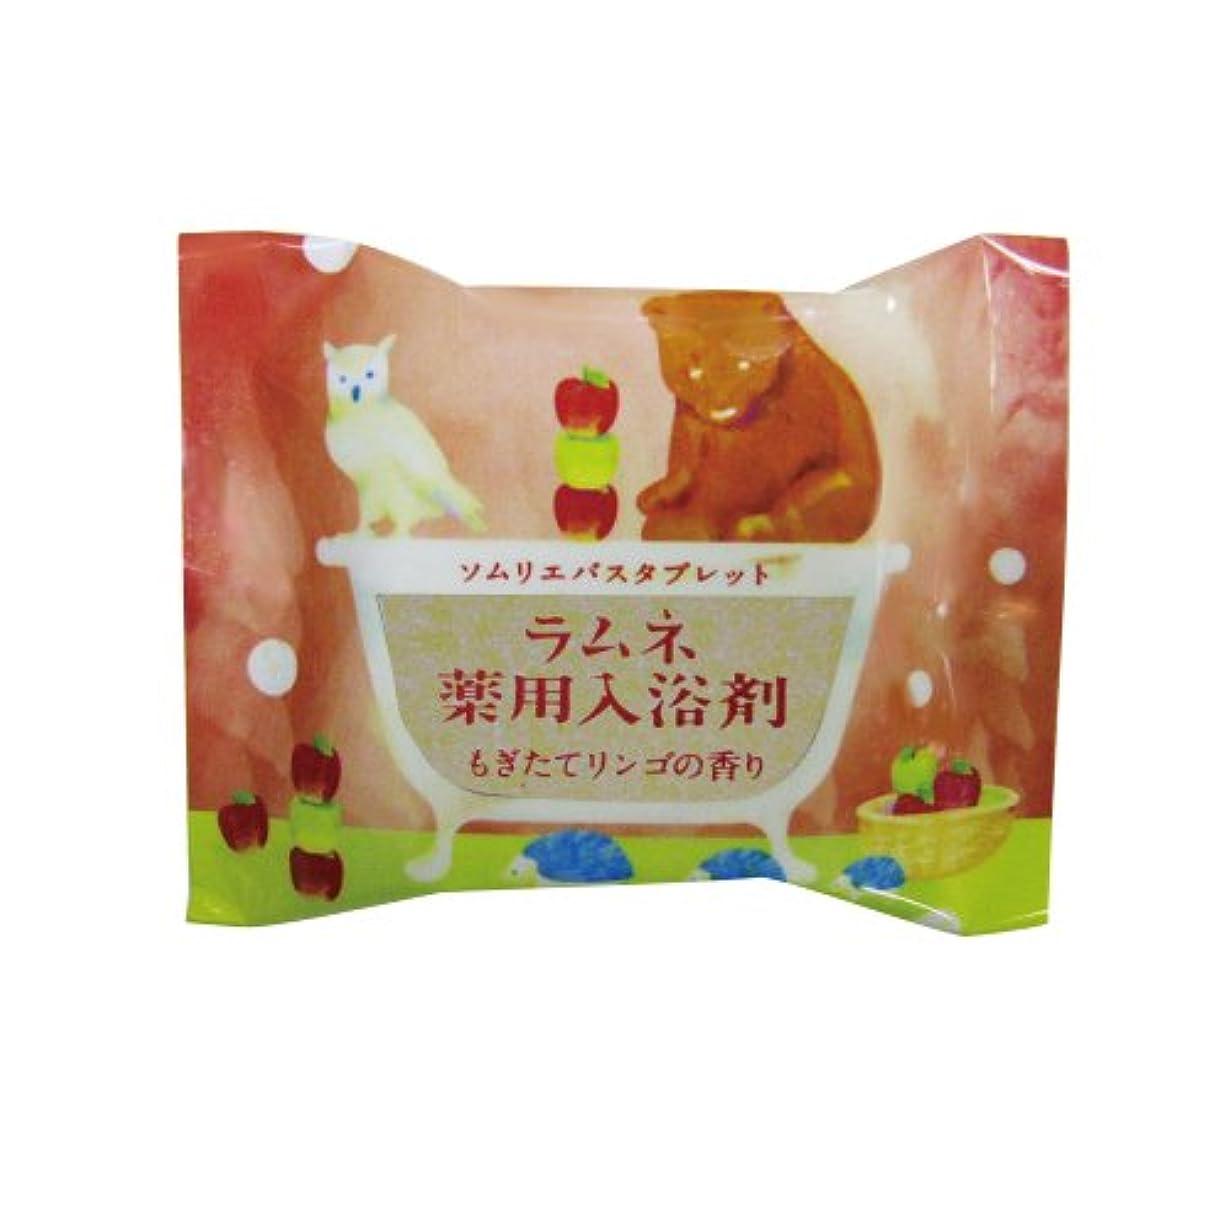 トリムグローチロソムリエバスタブレット ラムネ薬用入浴剤 もぎたてリンゴの香り 12個セット